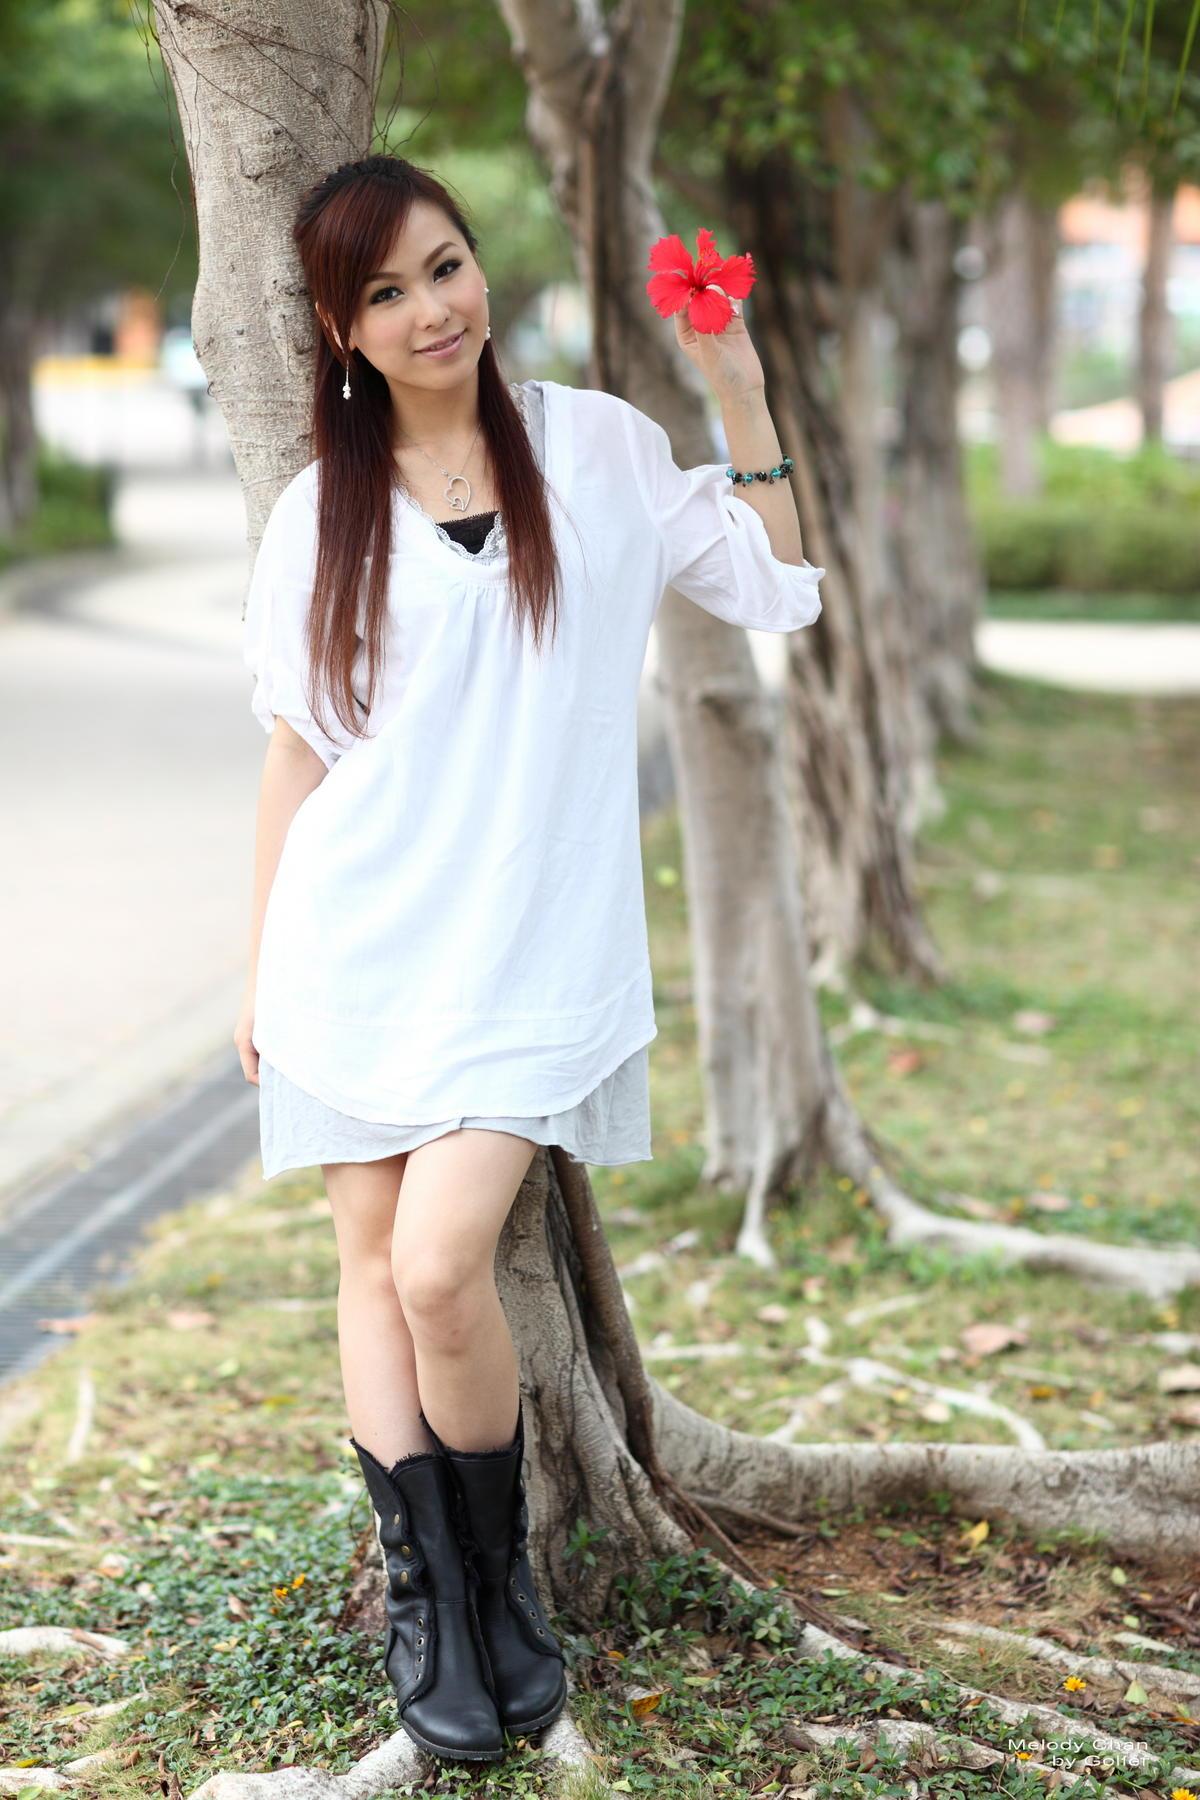 golfer :: Melody Chan 2009.02.28 :: Melody Chan VC _001013 S